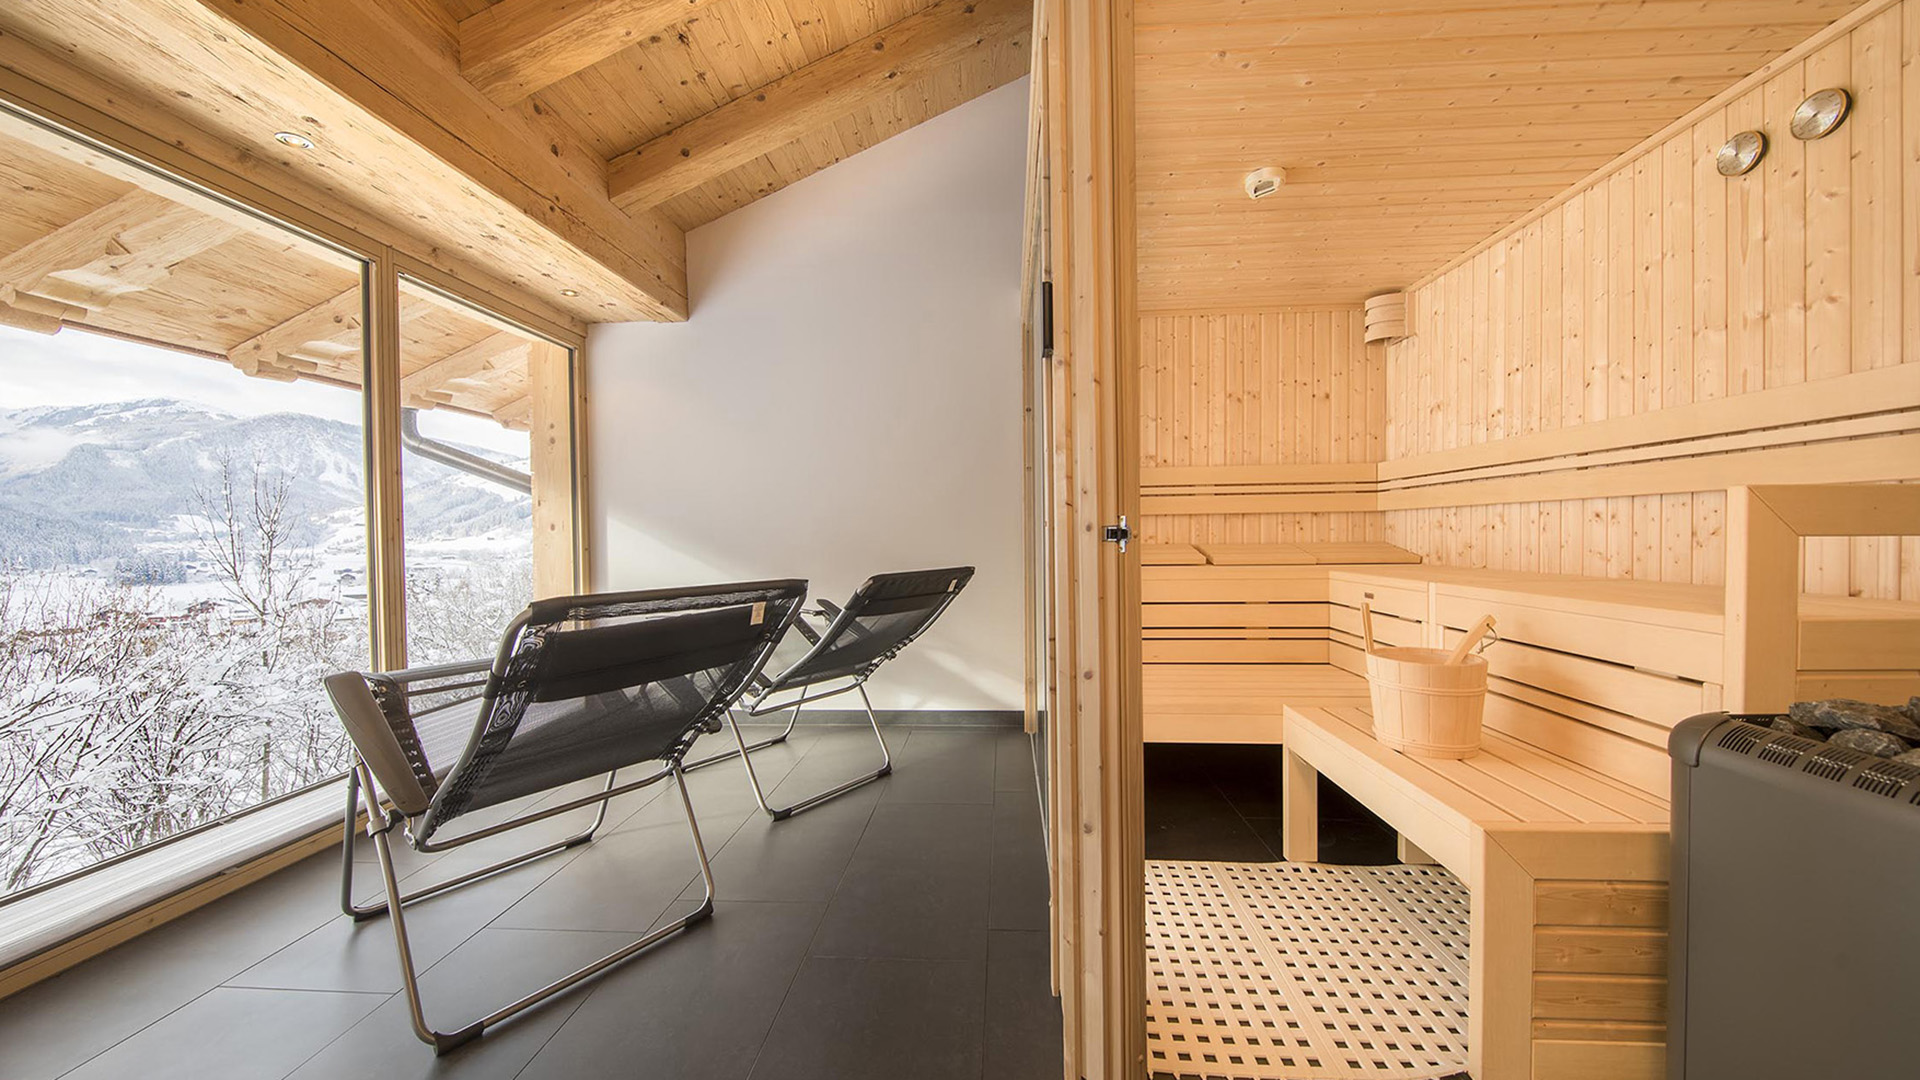 Forest Penthouse Apartments, Austria